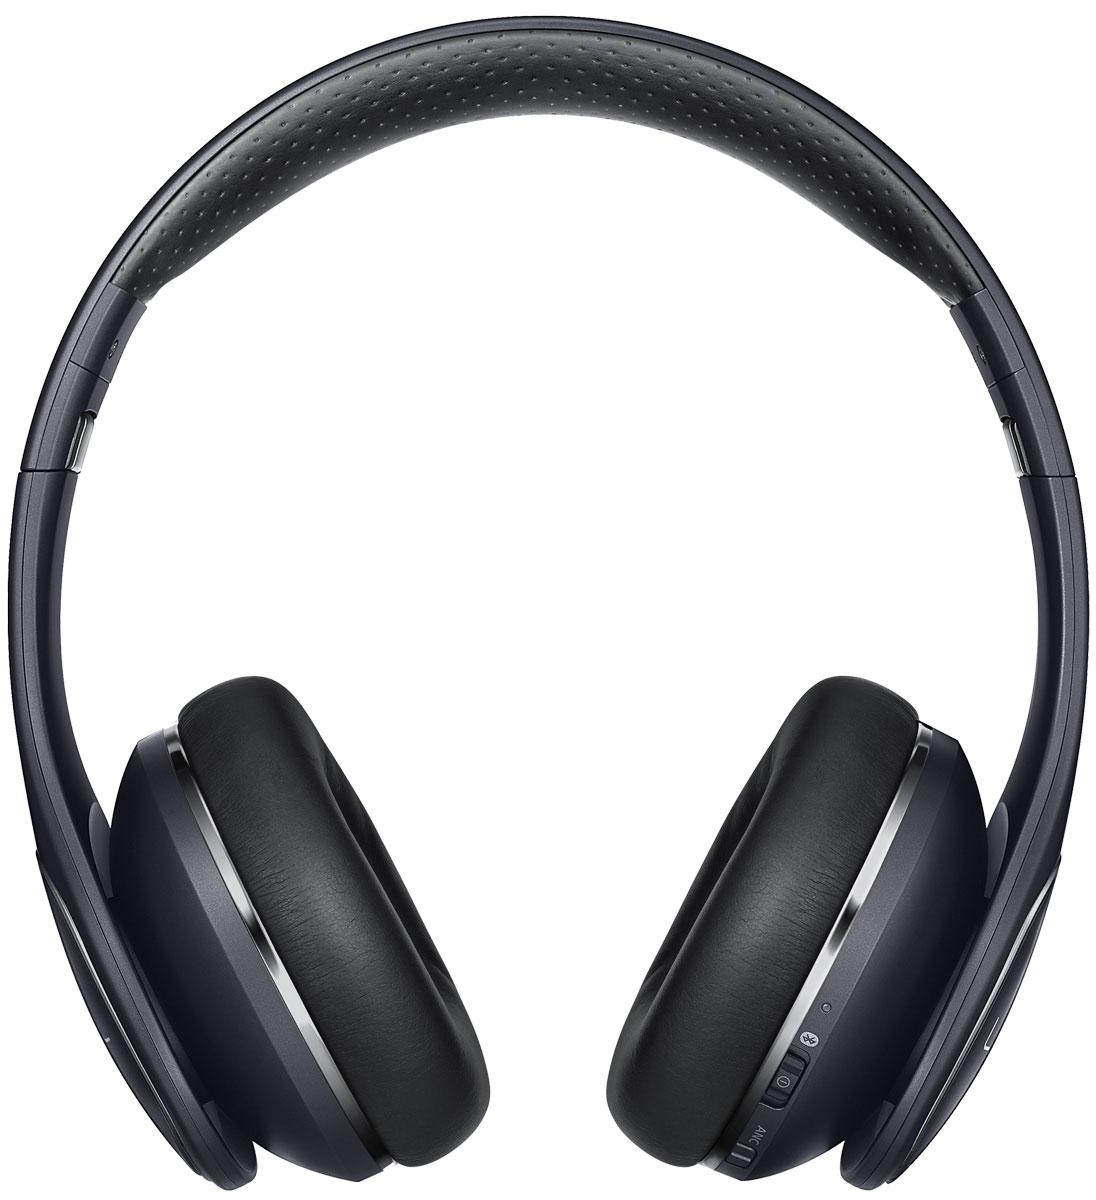 Samsung EO-PN920 Level On Pro, Black беспроводные наушникиEO-PN920CBEGRUНаслаждайтесь великолепным звуком ультравысокого качества c беспроводными наушниками Samsung Level On Pro, звуком, превосходящим даже качество Audio CD. Используя новый кодек UHQ-BT, эти наушники позволяют вам насладиться более богатым и сбалансированным звучанием вашей любимой музыки. Samsung Level On Pro не только обеспечивают звук студийного качества, но и оснащены функцией активного шумоподавления (Active Noise Cancelation, ANC). Четыре встроенных микрофона, по два на каждом наушнике, гарантируют точное распределение звука. С помощью сенсорной панели наушников вы можете управлять самыми различными функциями, не пользуясь при этом кнопками управления подключенного к Samsung Level On Pro устройства: регулировать громкость звука, управлять воспроизведением музыки, принимать и отклонять вызовы. Есть необходимость услышать, что происходит вокруг вас? Воспользуйтесь режимом Talk-in для получения звука от одного из внешних микрофонов,...